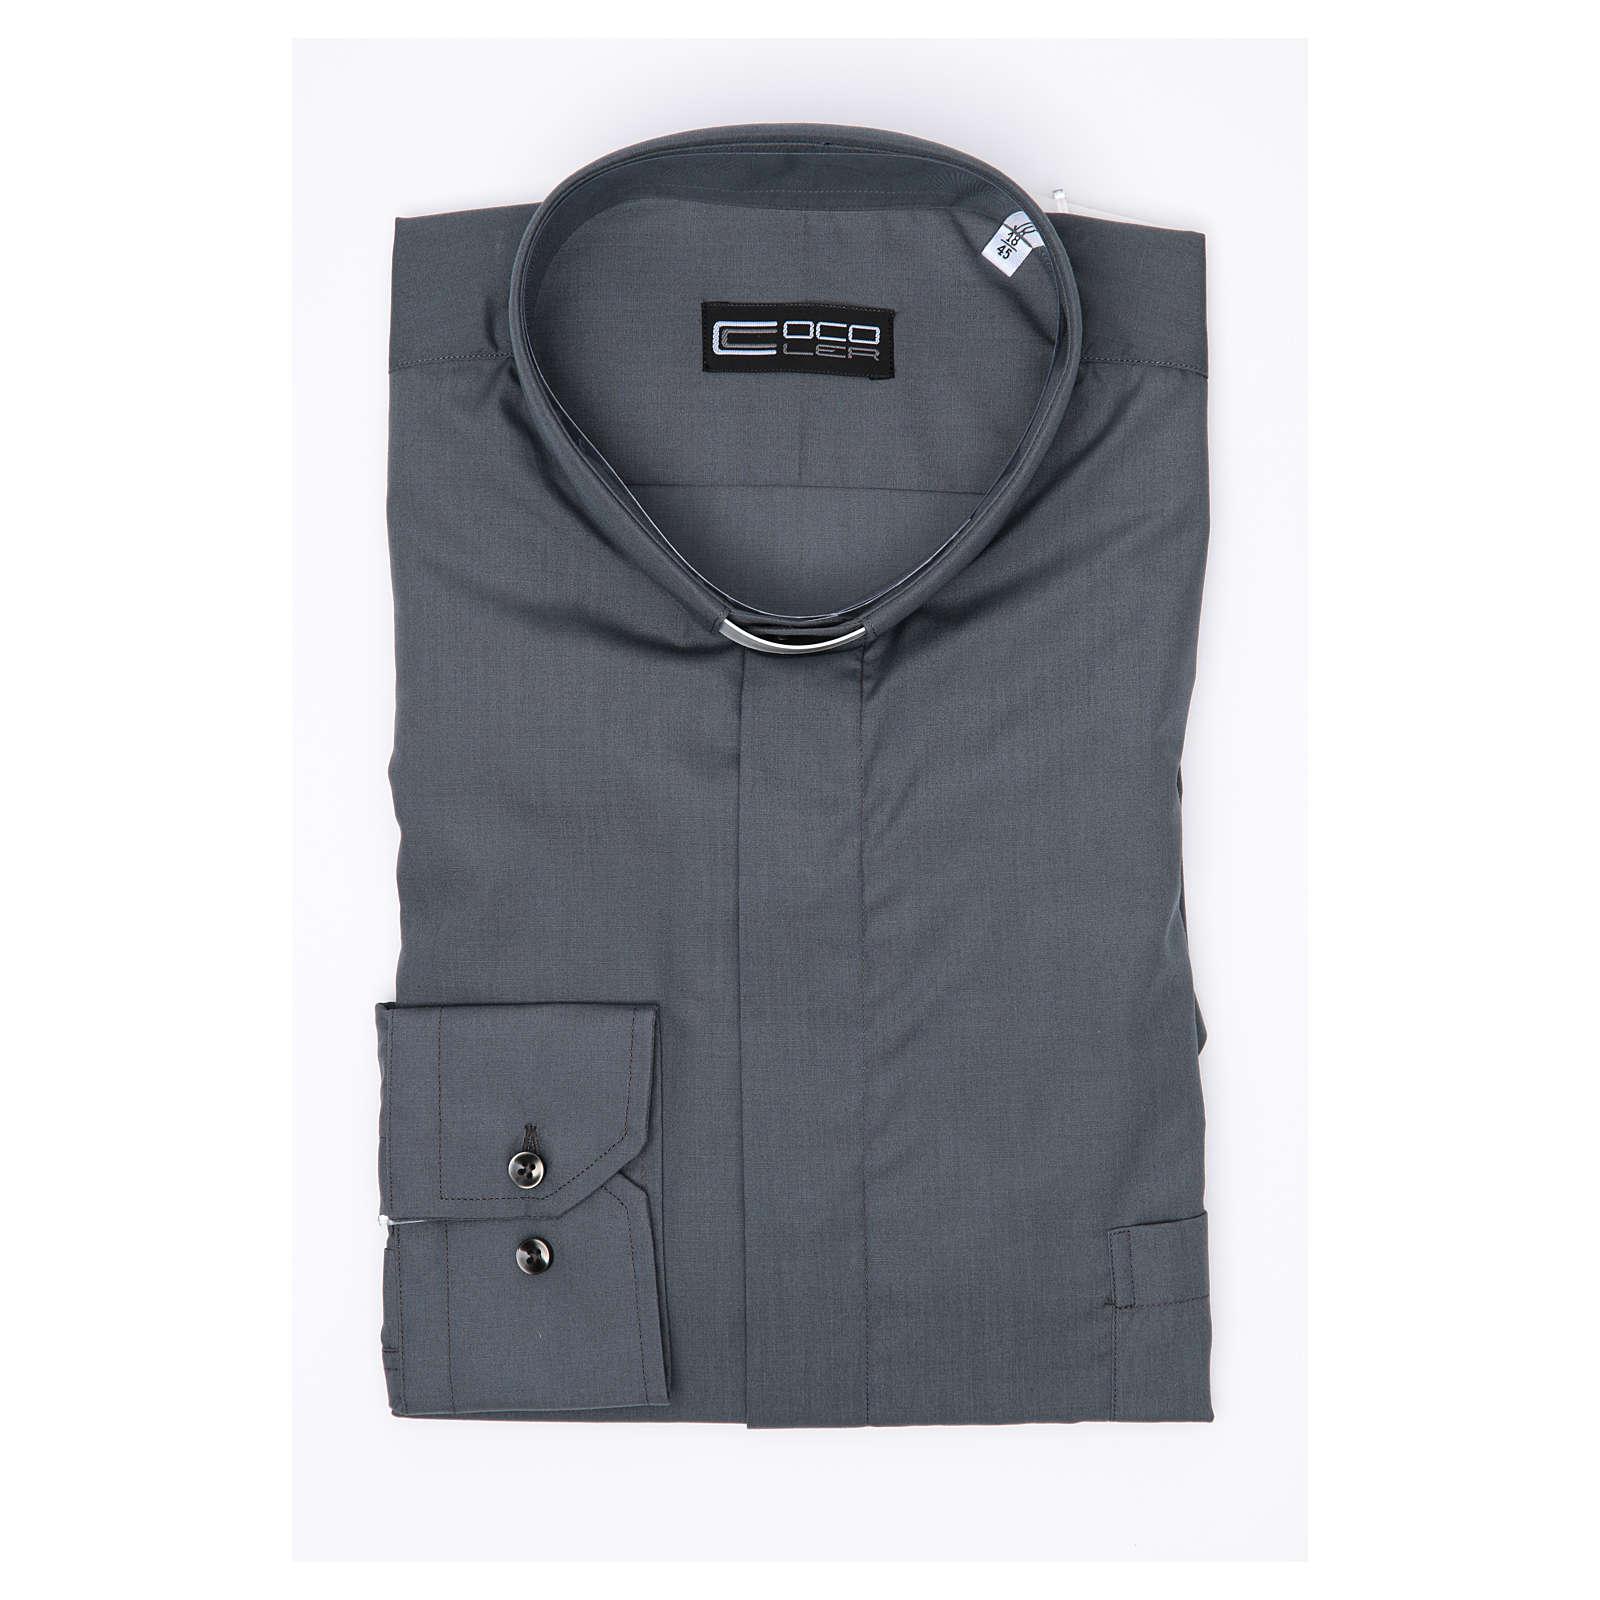 Camisa clergy sacerdote manga larga mixto algodón gris oscuro 4